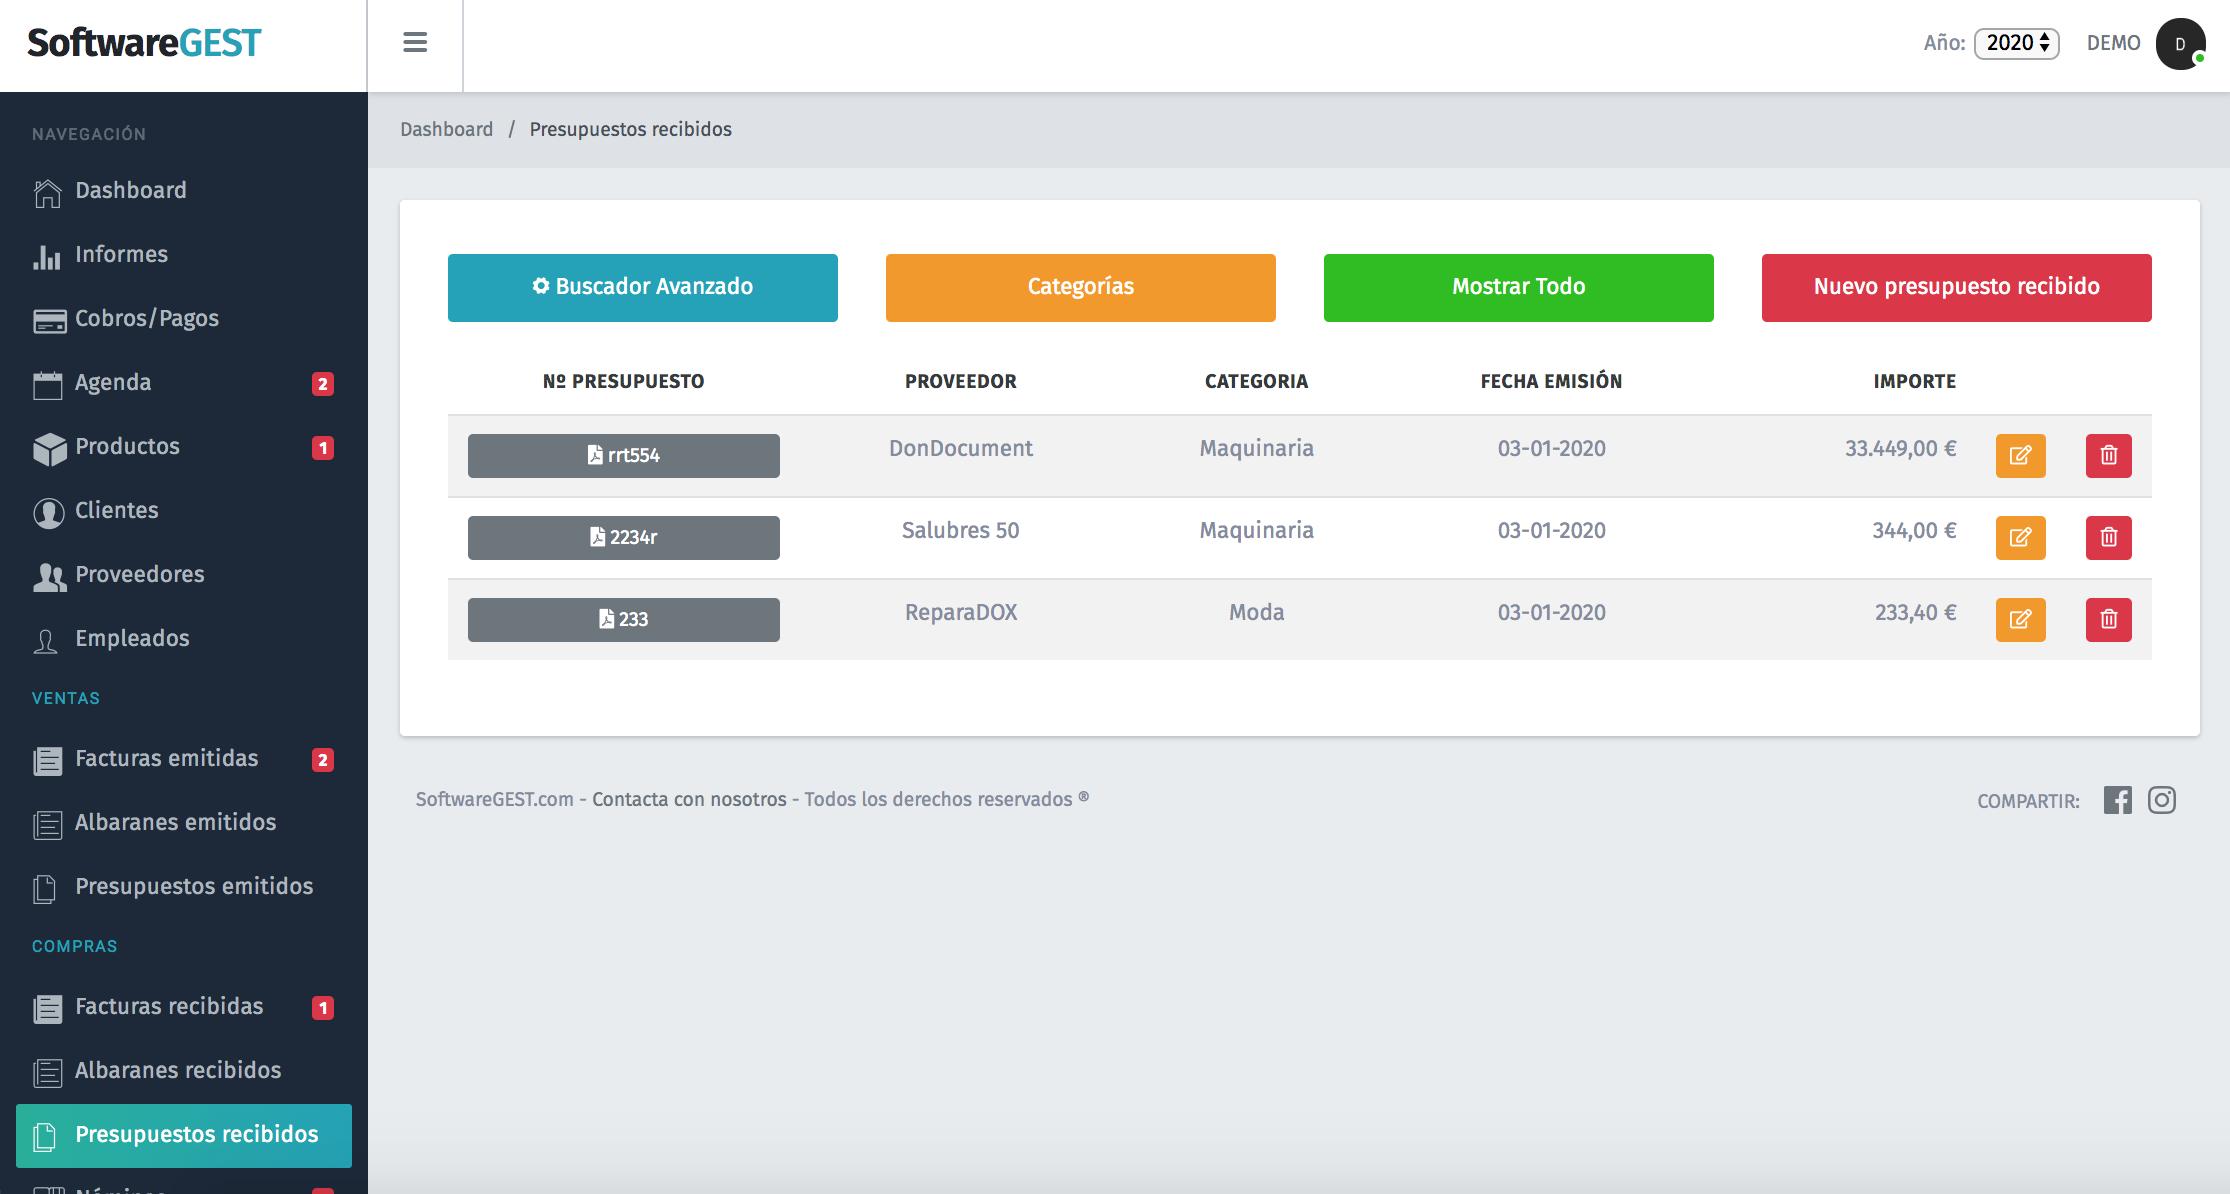 Presupuestos recibidos en softwaregest